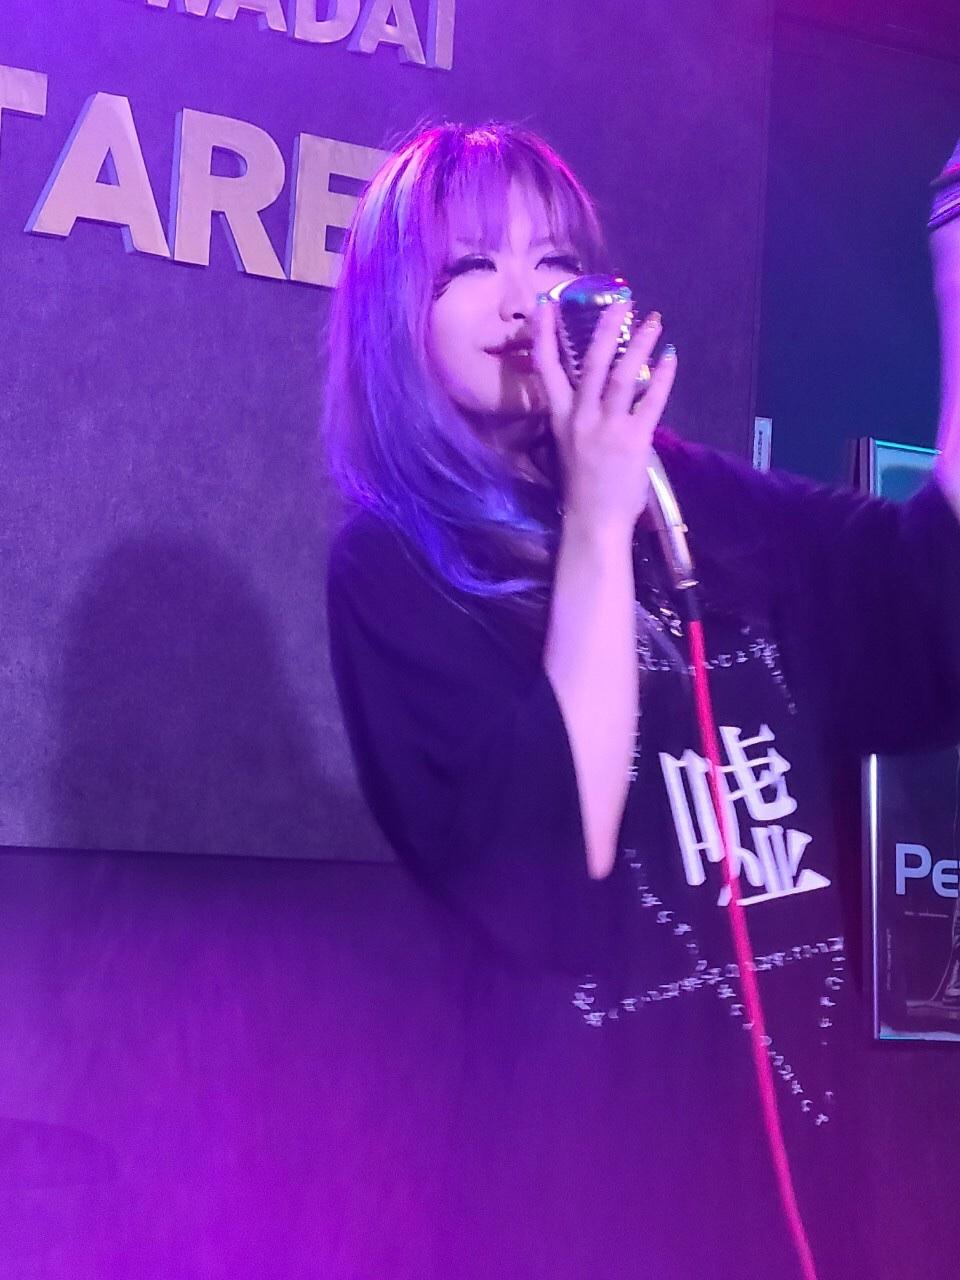 「エルハ サキモト(様)無観客配信ライブ EMO PARTY! vol.3 #エモパ725RE」